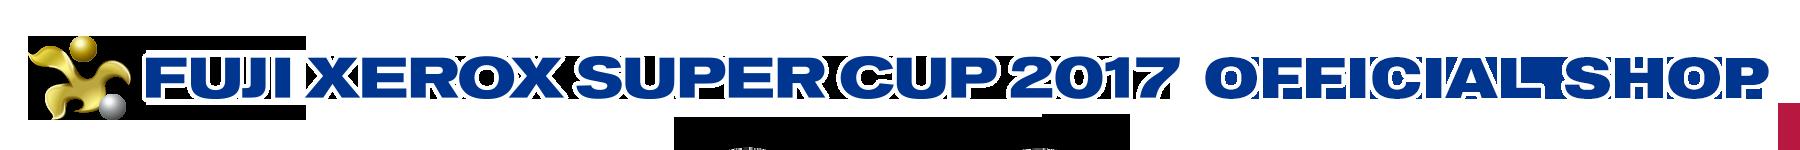 FUJI XEROX SUPER CUP 2017 OFFICIAL SHOP